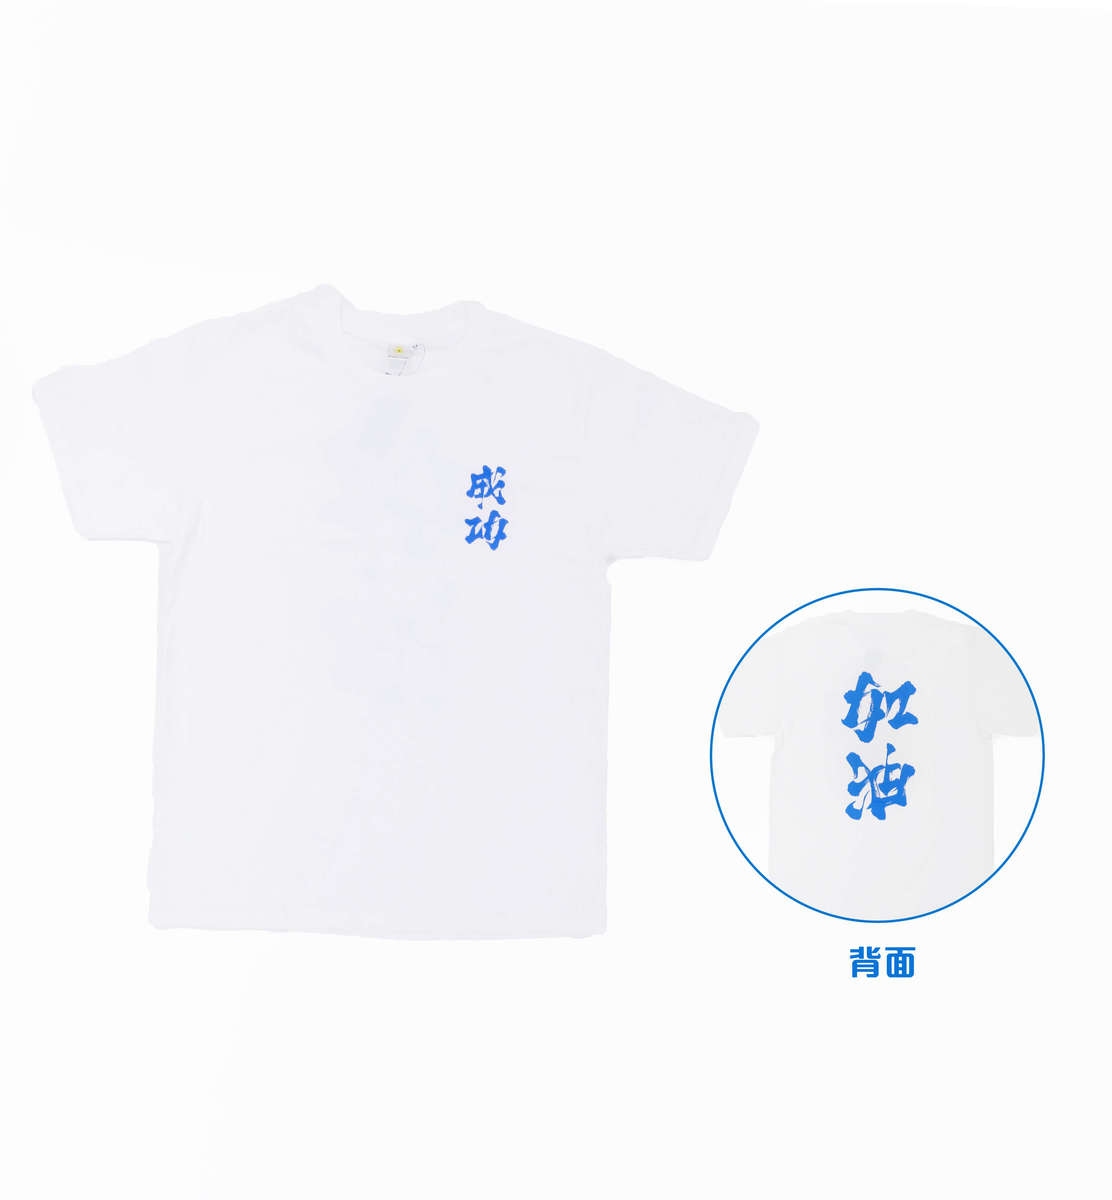 成功(F)/加油(B)-Tshirt-白底藍字(L)